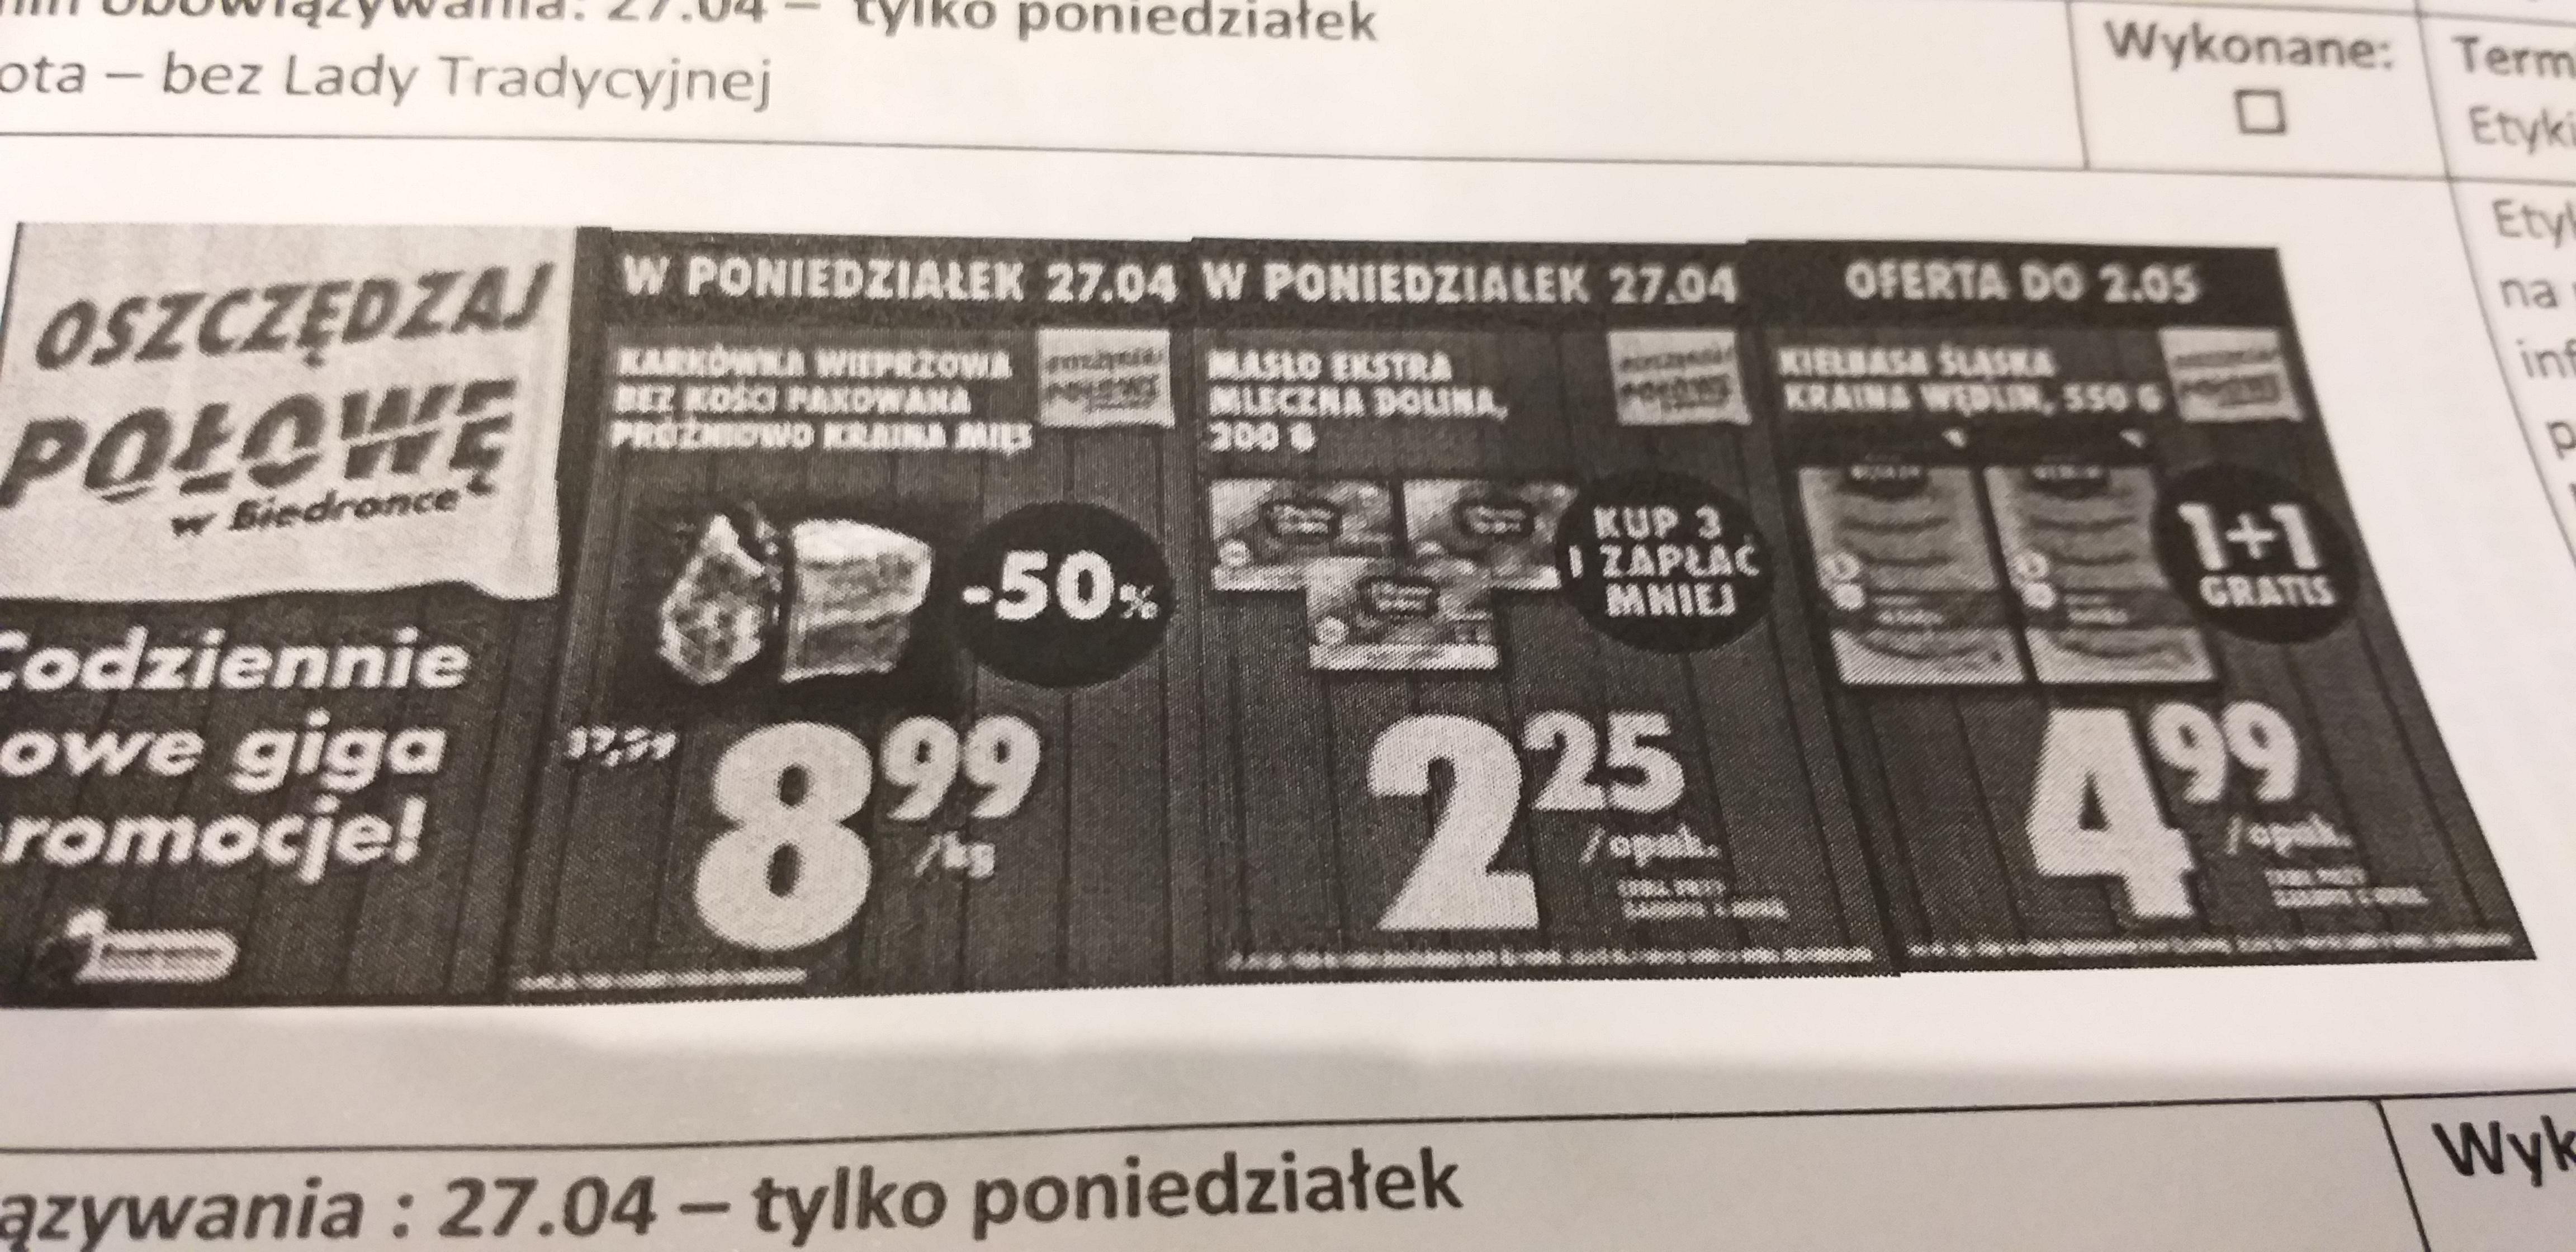 Promocje Biedronka od 27.04